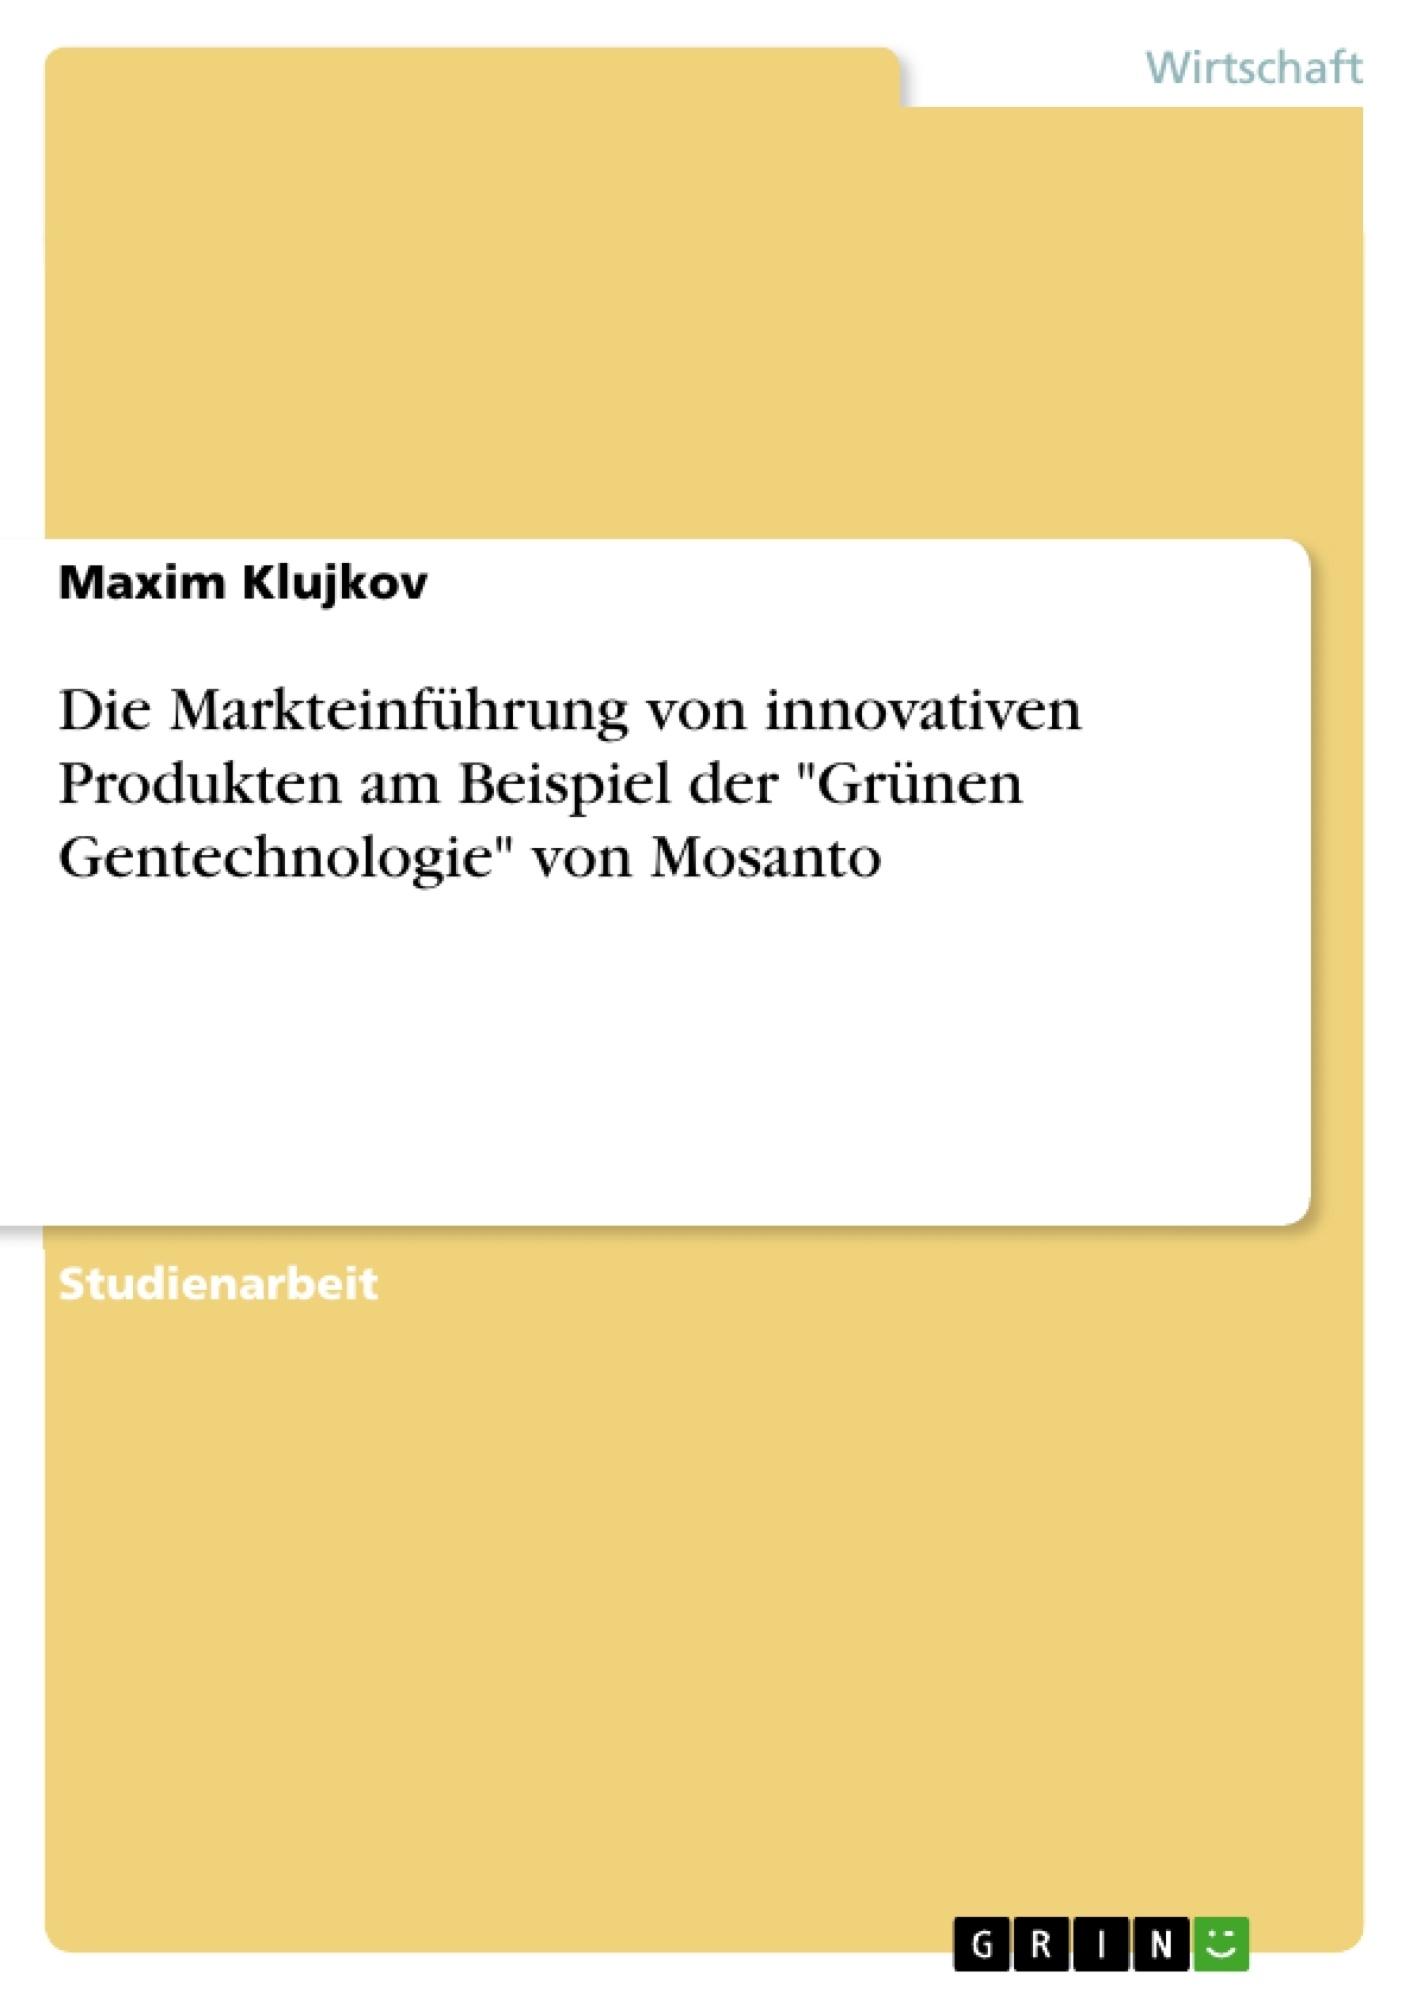 """Titel: Die Markteinführung von innovativen Produkten am Beispiel der """"Grünen Gentechnologie"""" von Mosanto"""